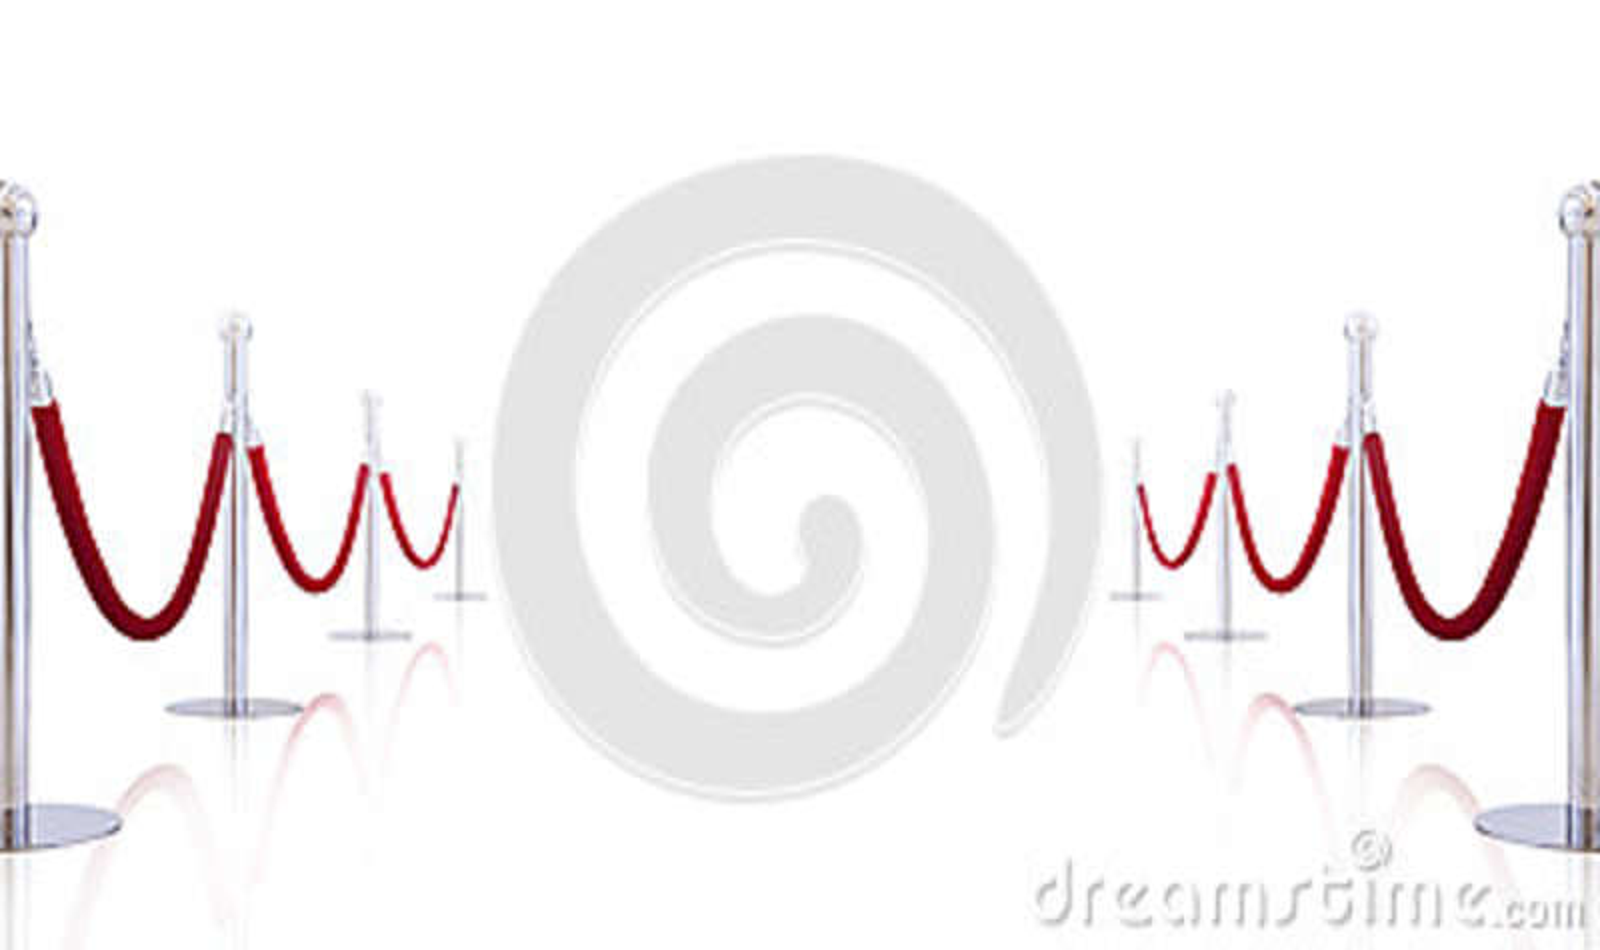 Download Corda del velluto immagine stock. Immagine di entrata - 36885015